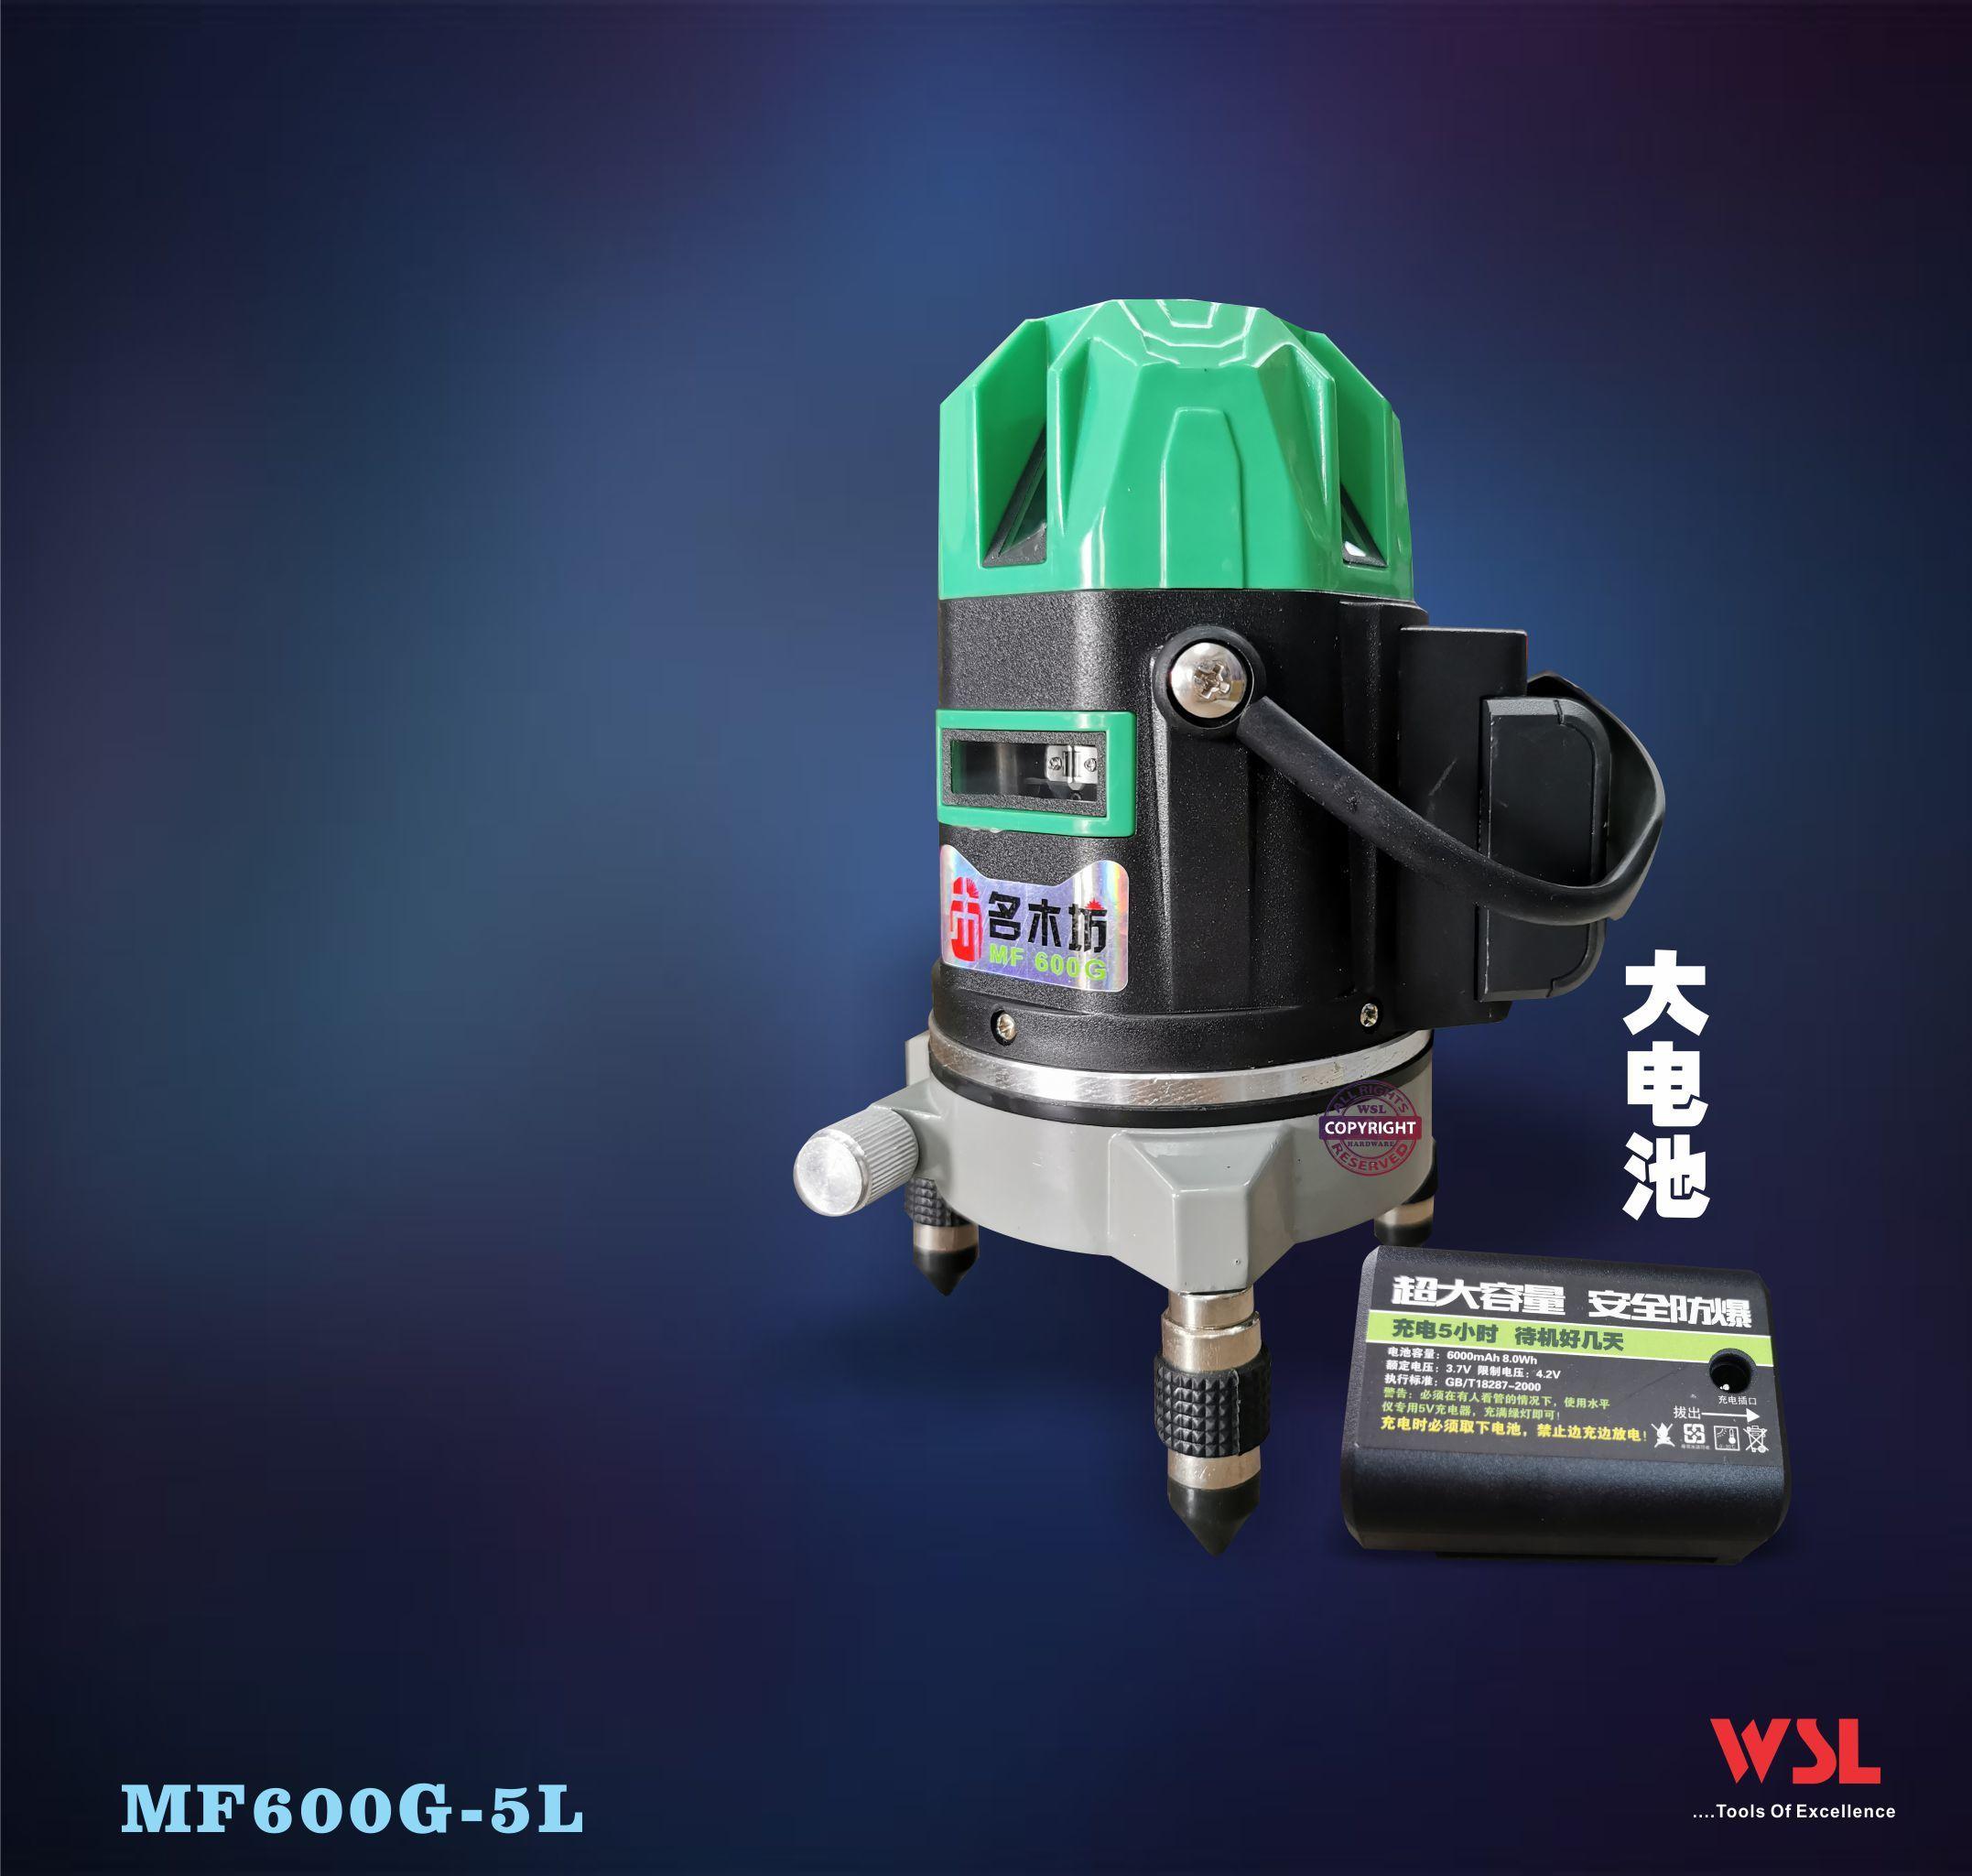 HF600G LASER.jpg